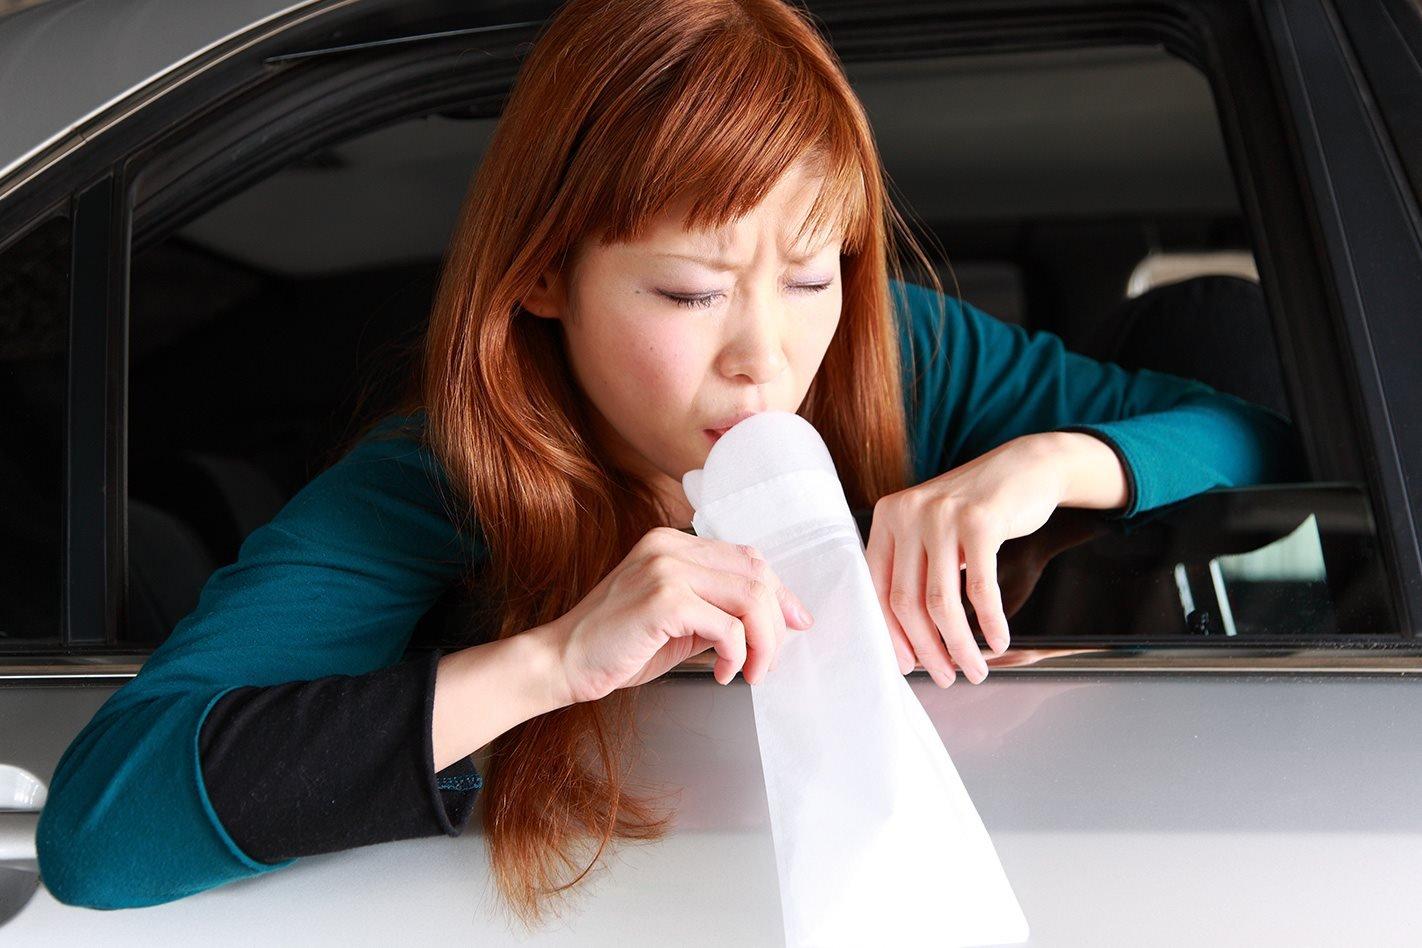 woman-feeling-car-sick